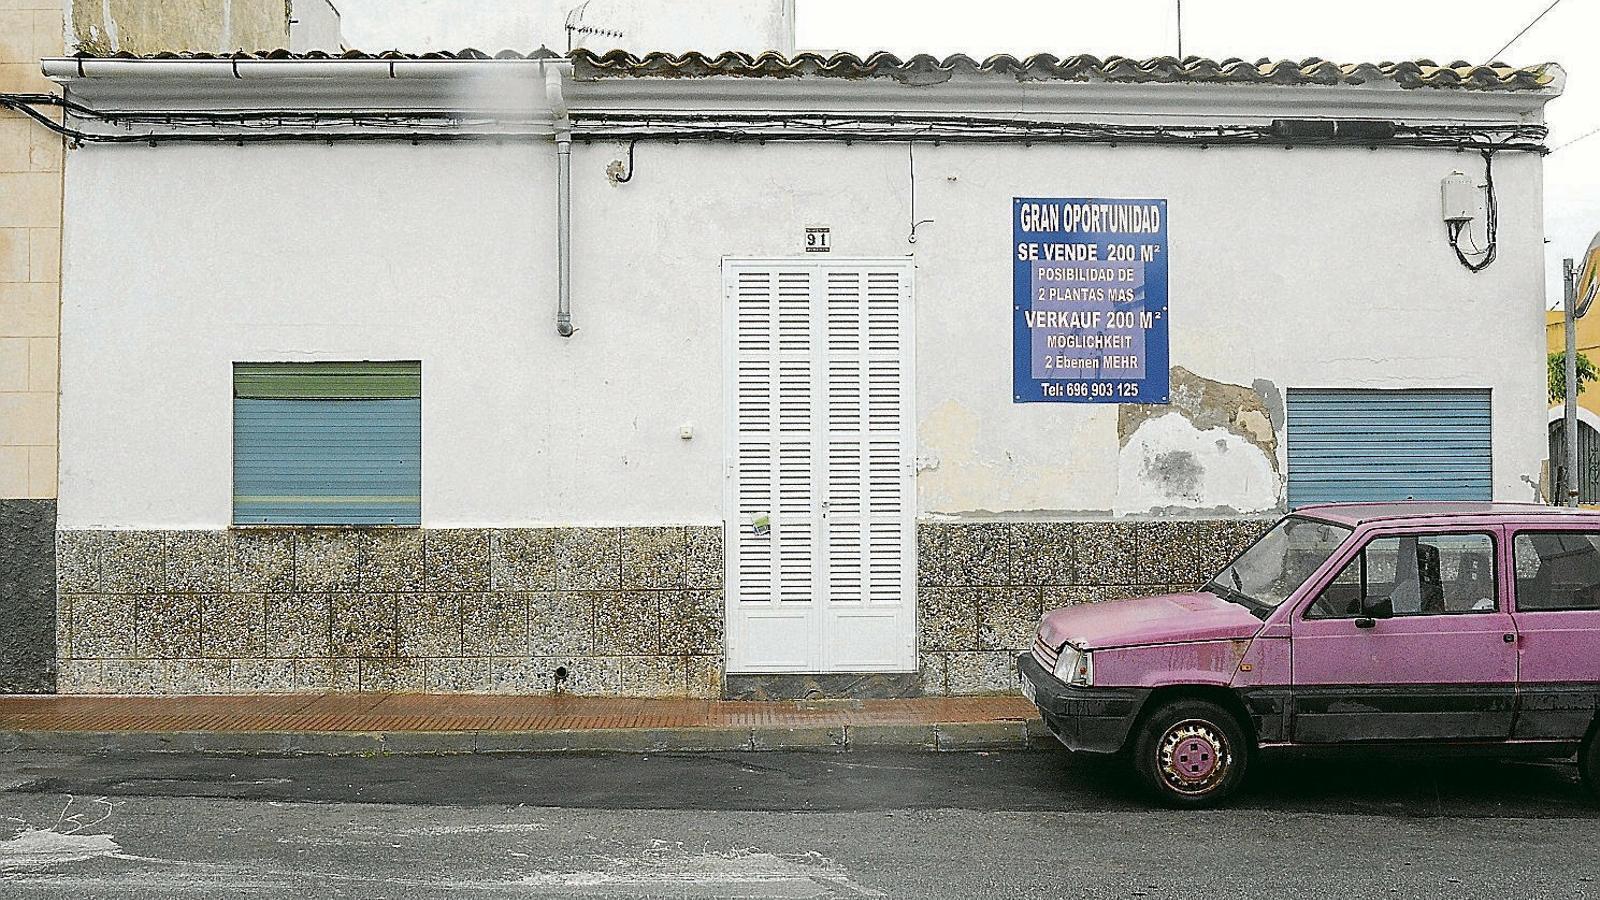 Un estudi situa les Balears com la comunitat amb més risc de bombolla immobiliària